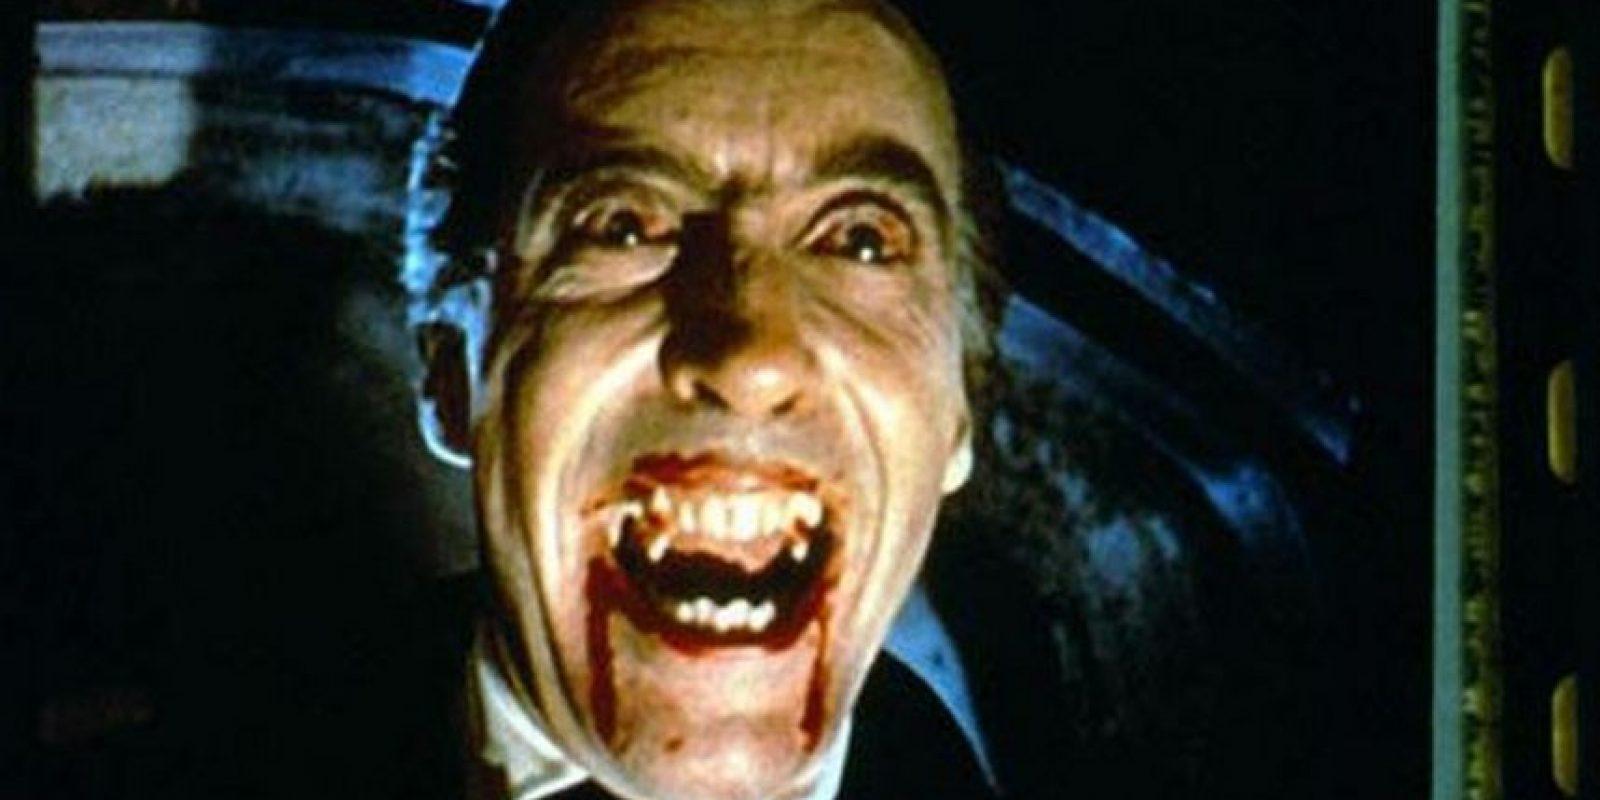 Lee no pronuncia una sola palabra en toda la película, por lo que su expresión facial y gestual se transforma en un ejercicio magistral de interpretación. Foto:Vía imdb.com